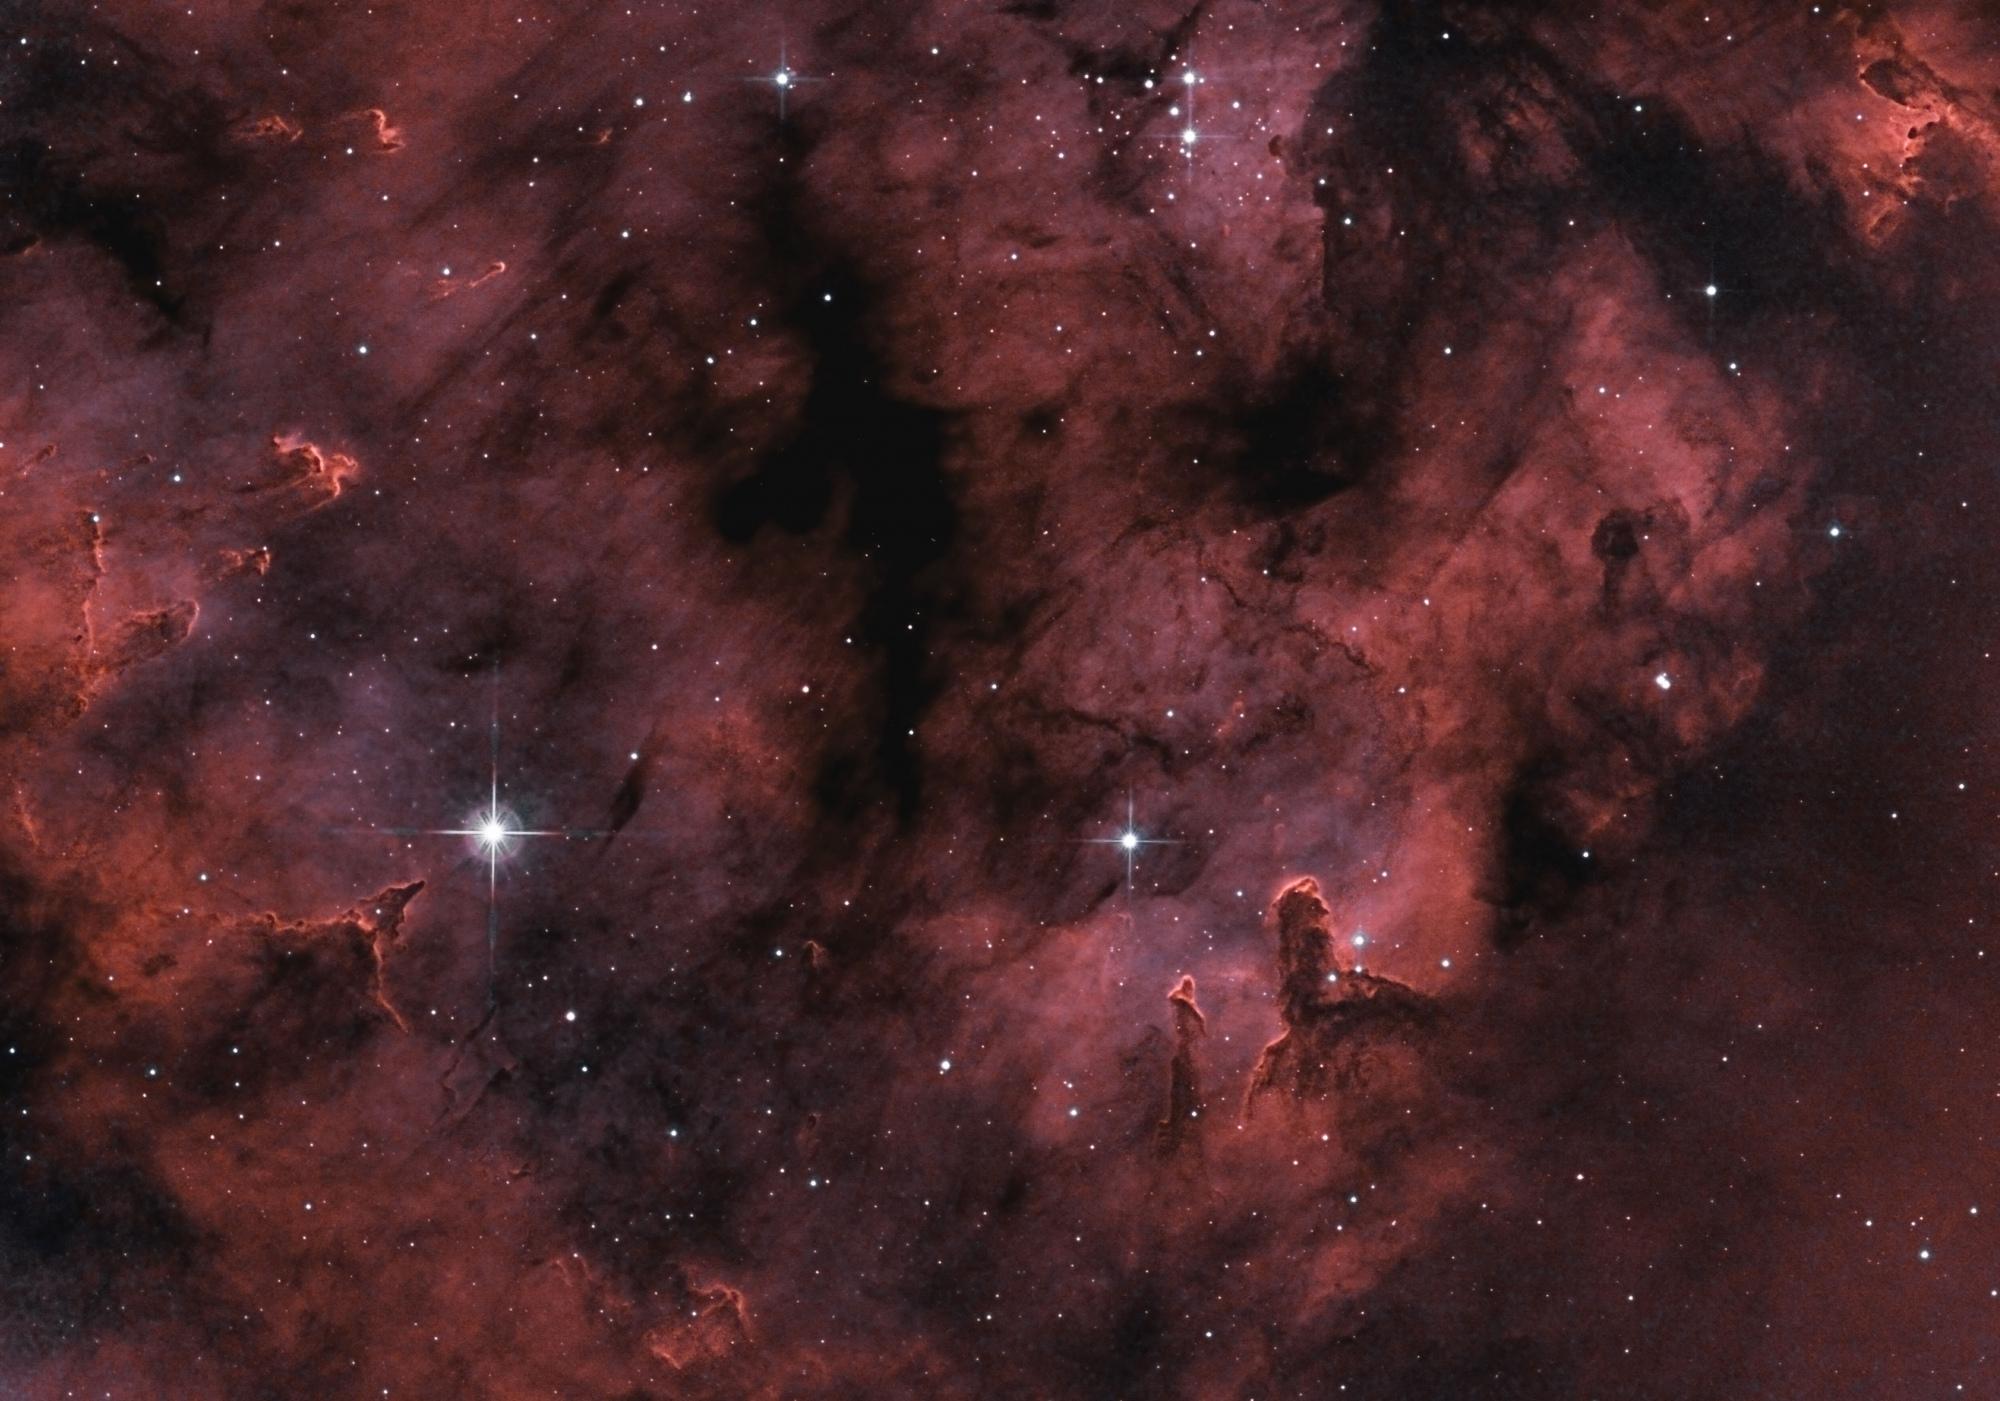 NGC7822_hoo_siril_w.thumb.jpg.b44ce0a923a426ab7c7bd9f09ab94461.jpg